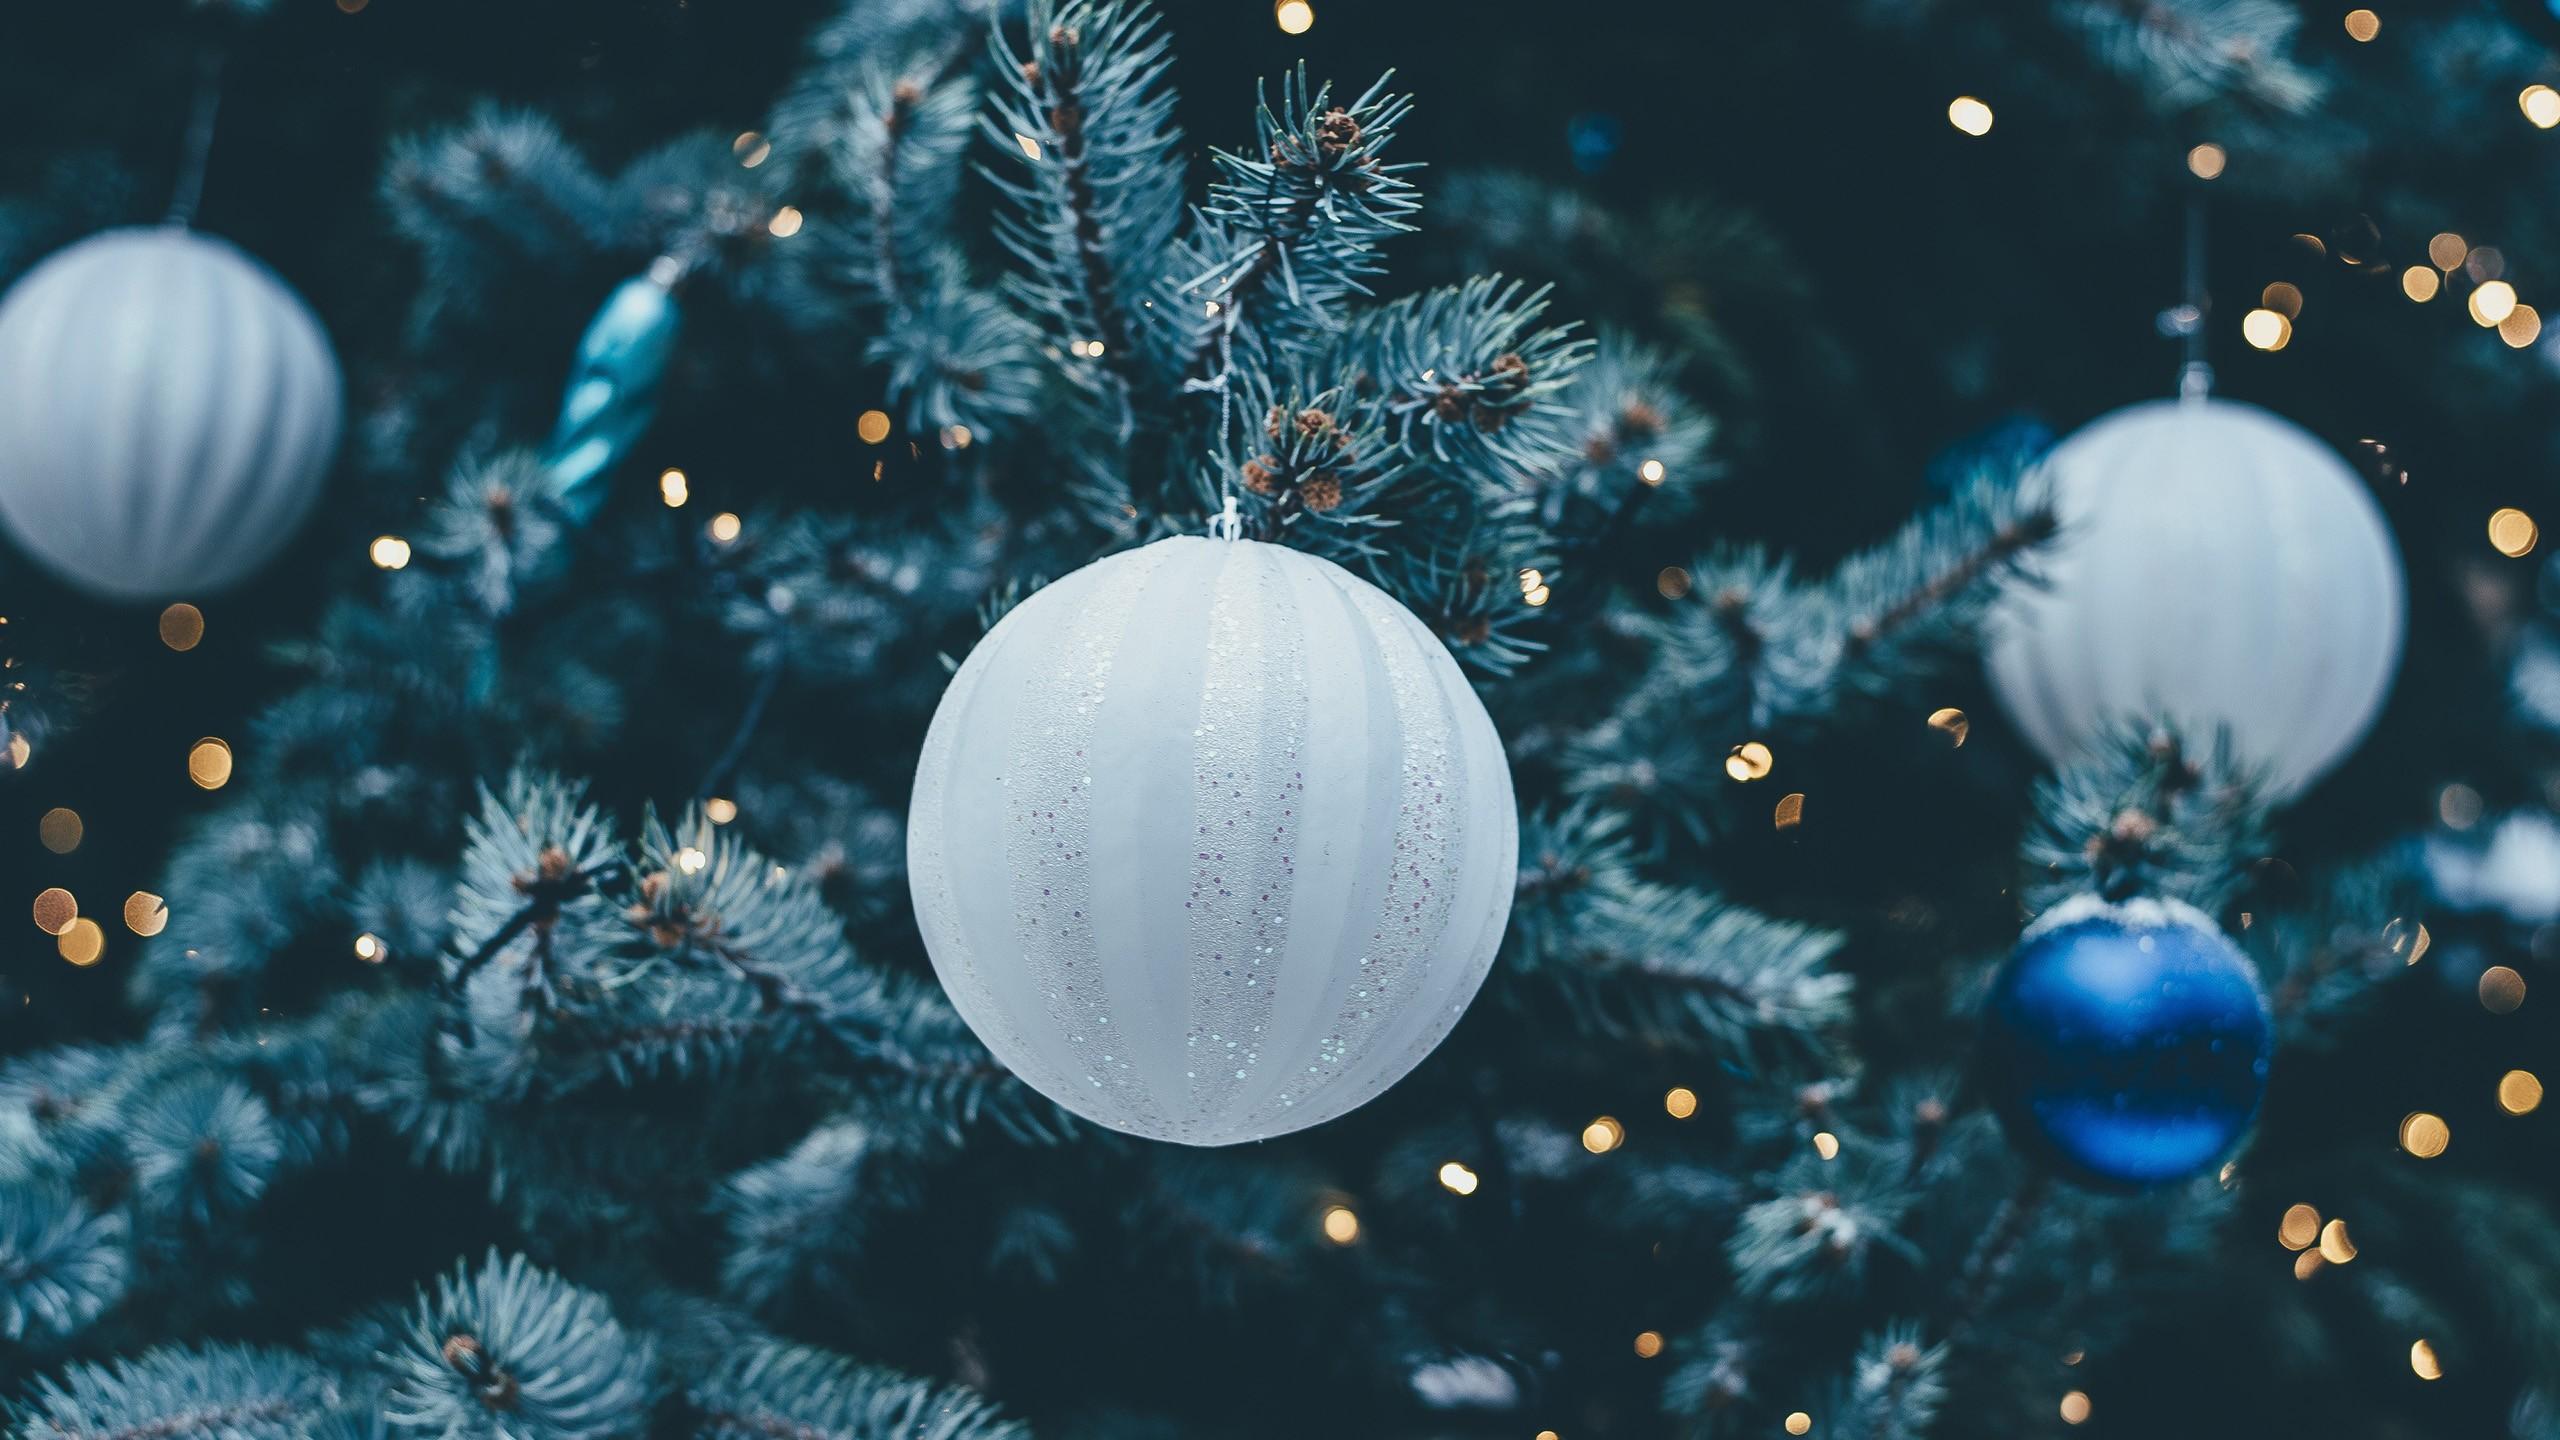 Albero Di Natale Con Decorazioni Blu : Sfondi ramo blu albero di natale cerchio addobbi natalizi